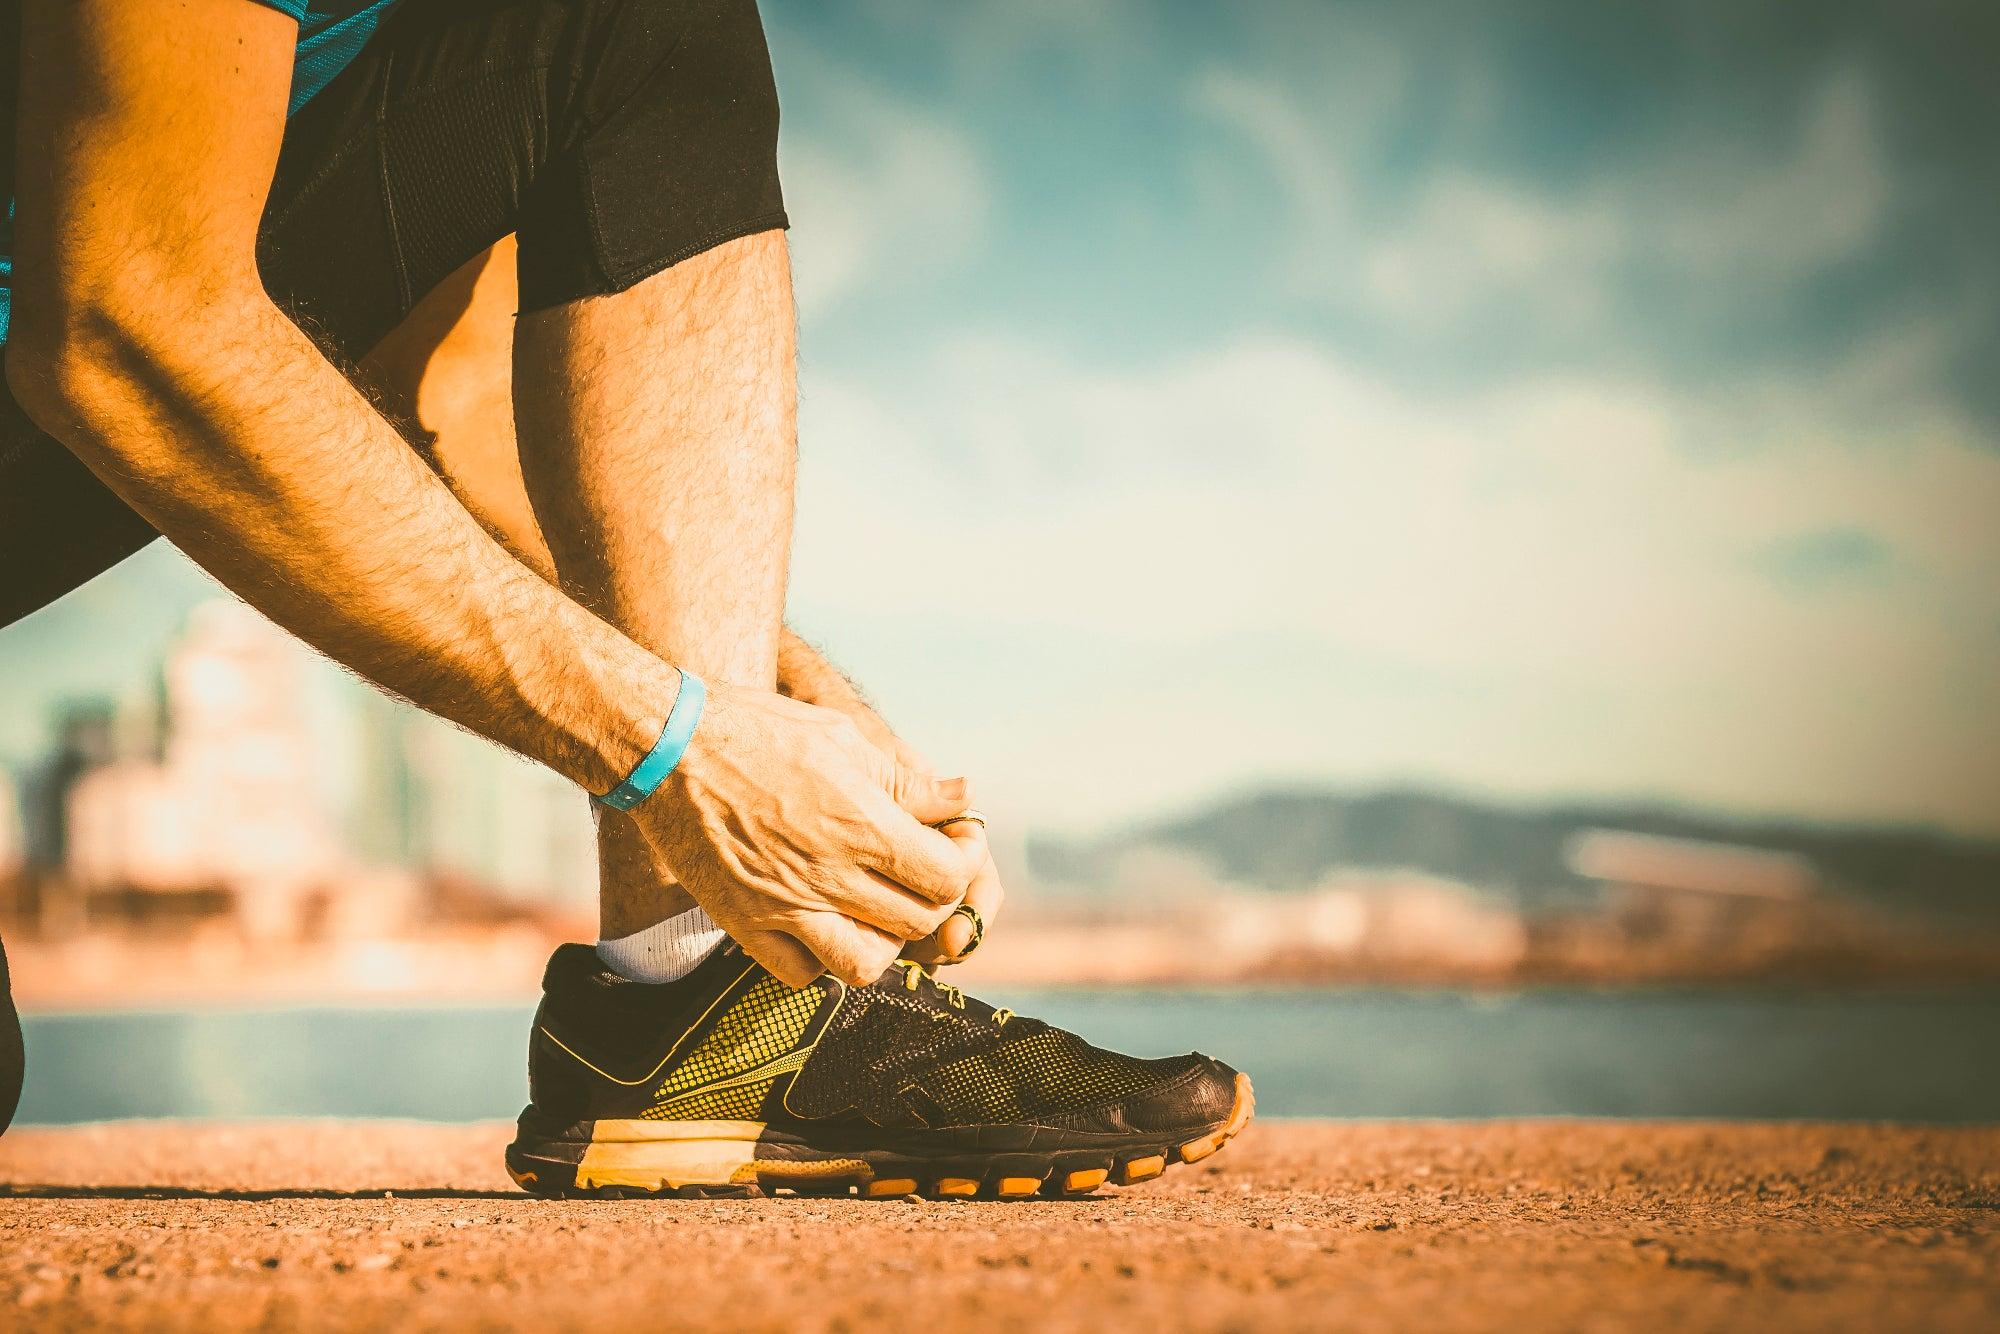 La inflamación de la fascia plantar es más frecuente en personas que hacen deporte